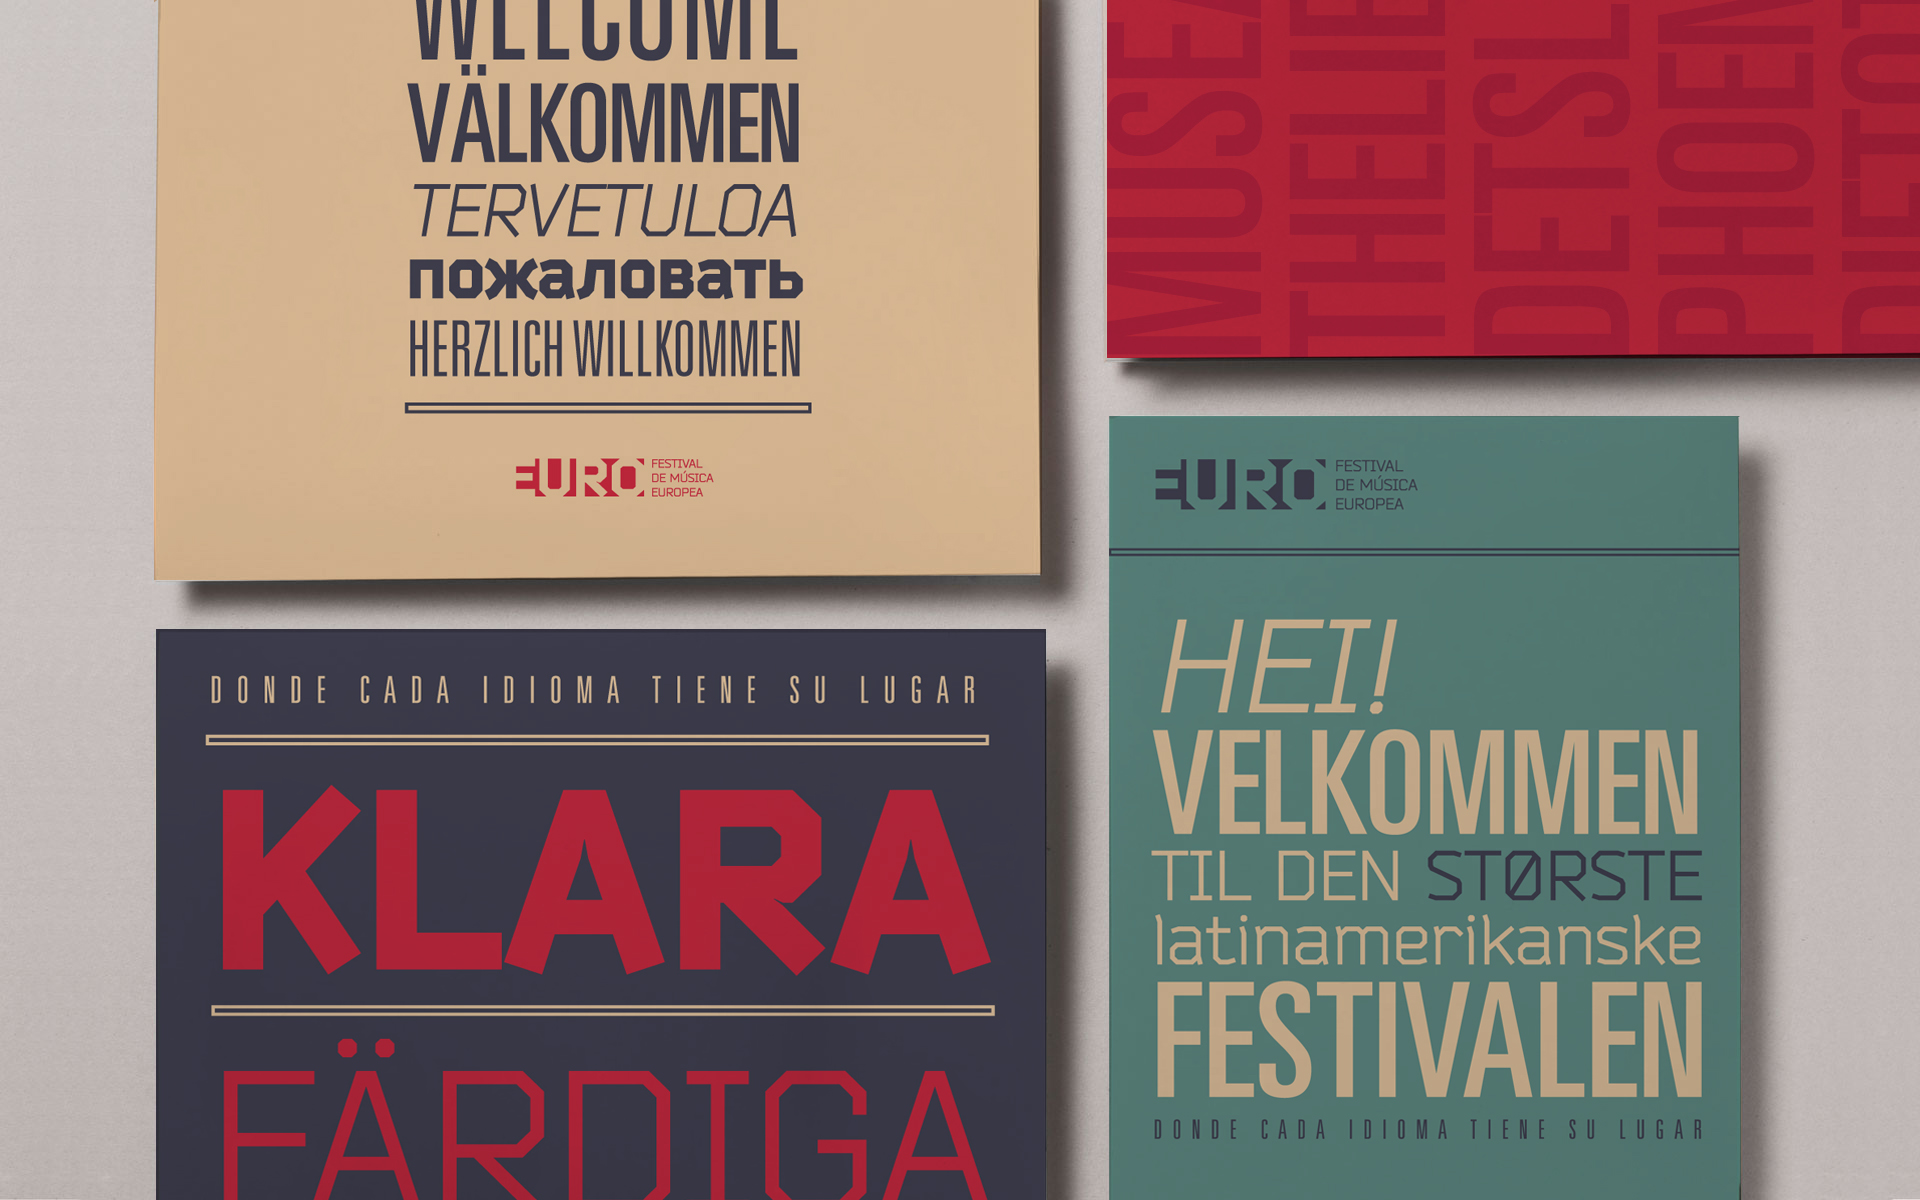 EURO / Festival de música - Sistema